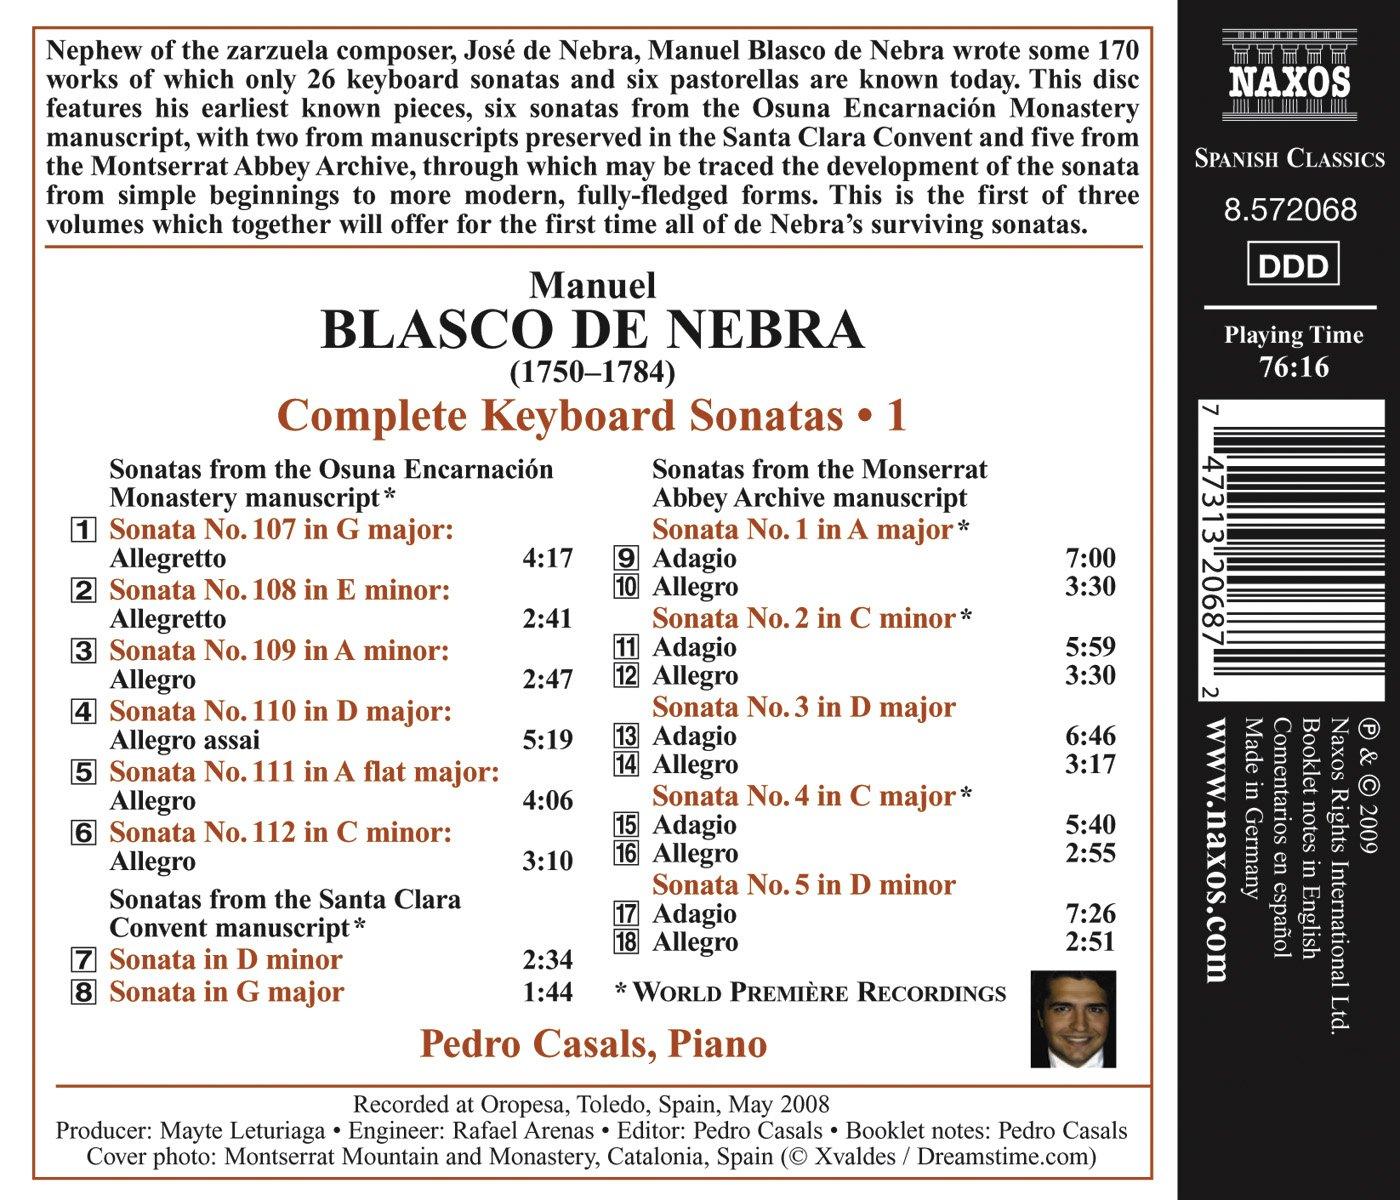 Sonatas Para Teclado: Pedro Casals, Manuel Blasco De Nebra: Amazon.es: Música